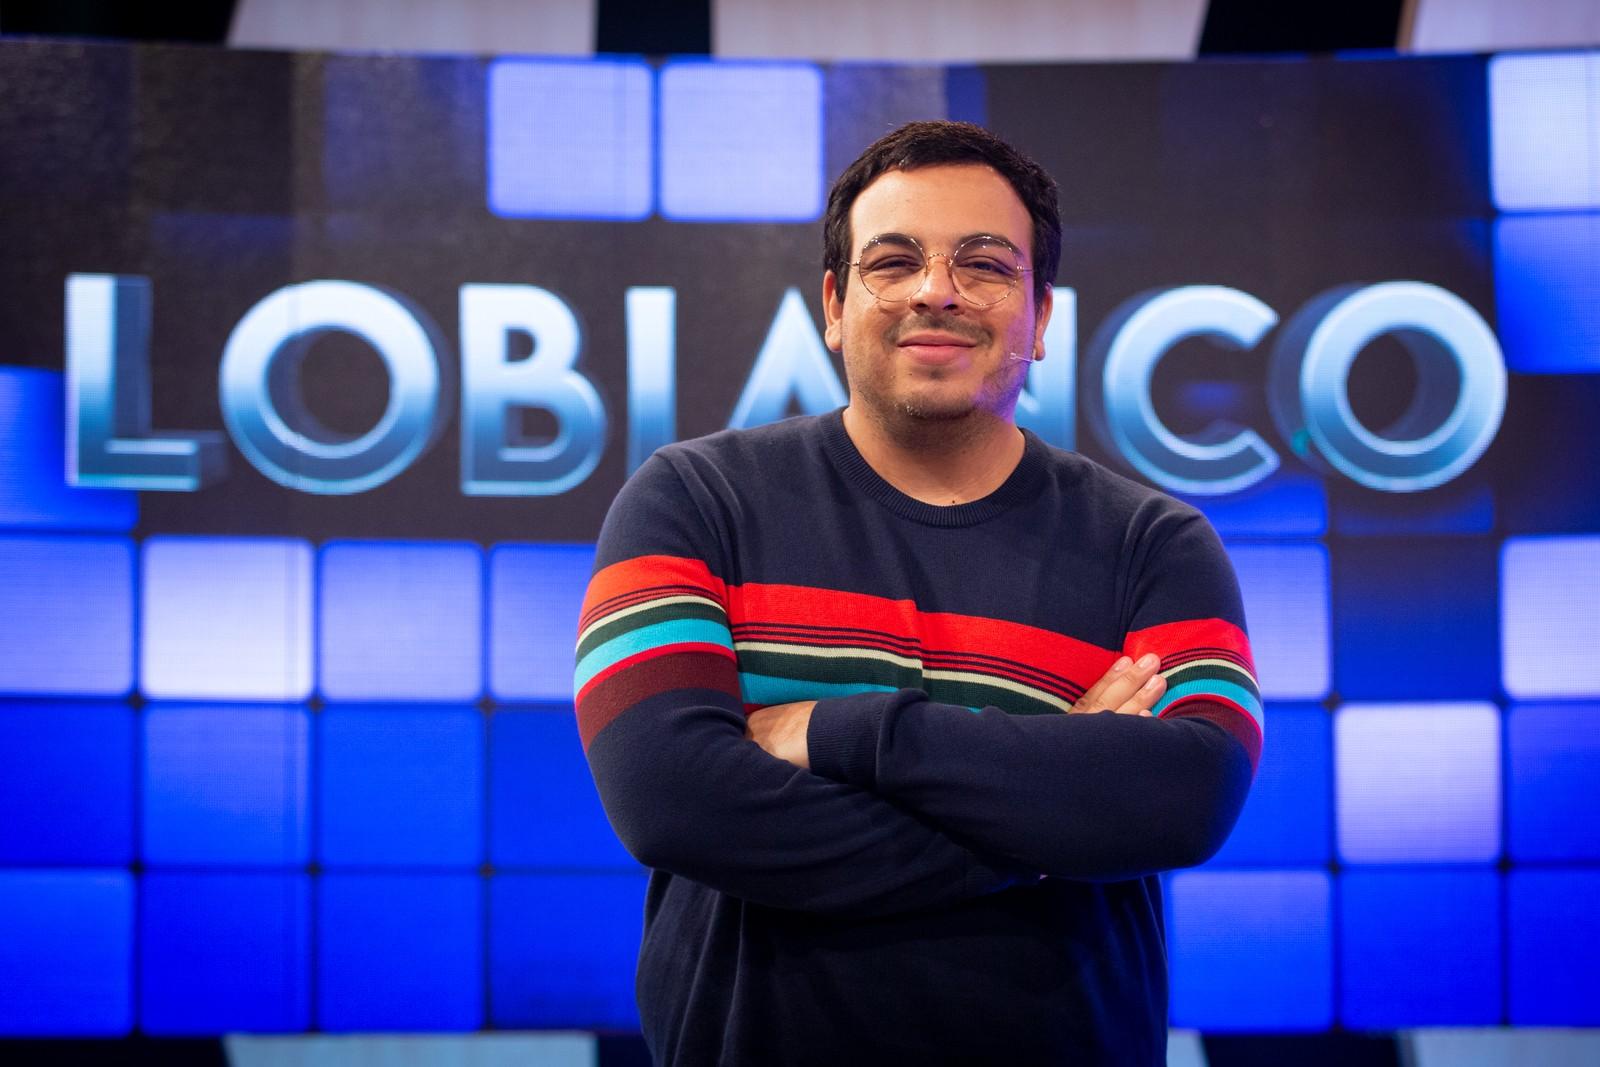 O ator Luís Lobianco passou por processo de emagrecimento (Foto: Fabiano Battaglin/Gshow)